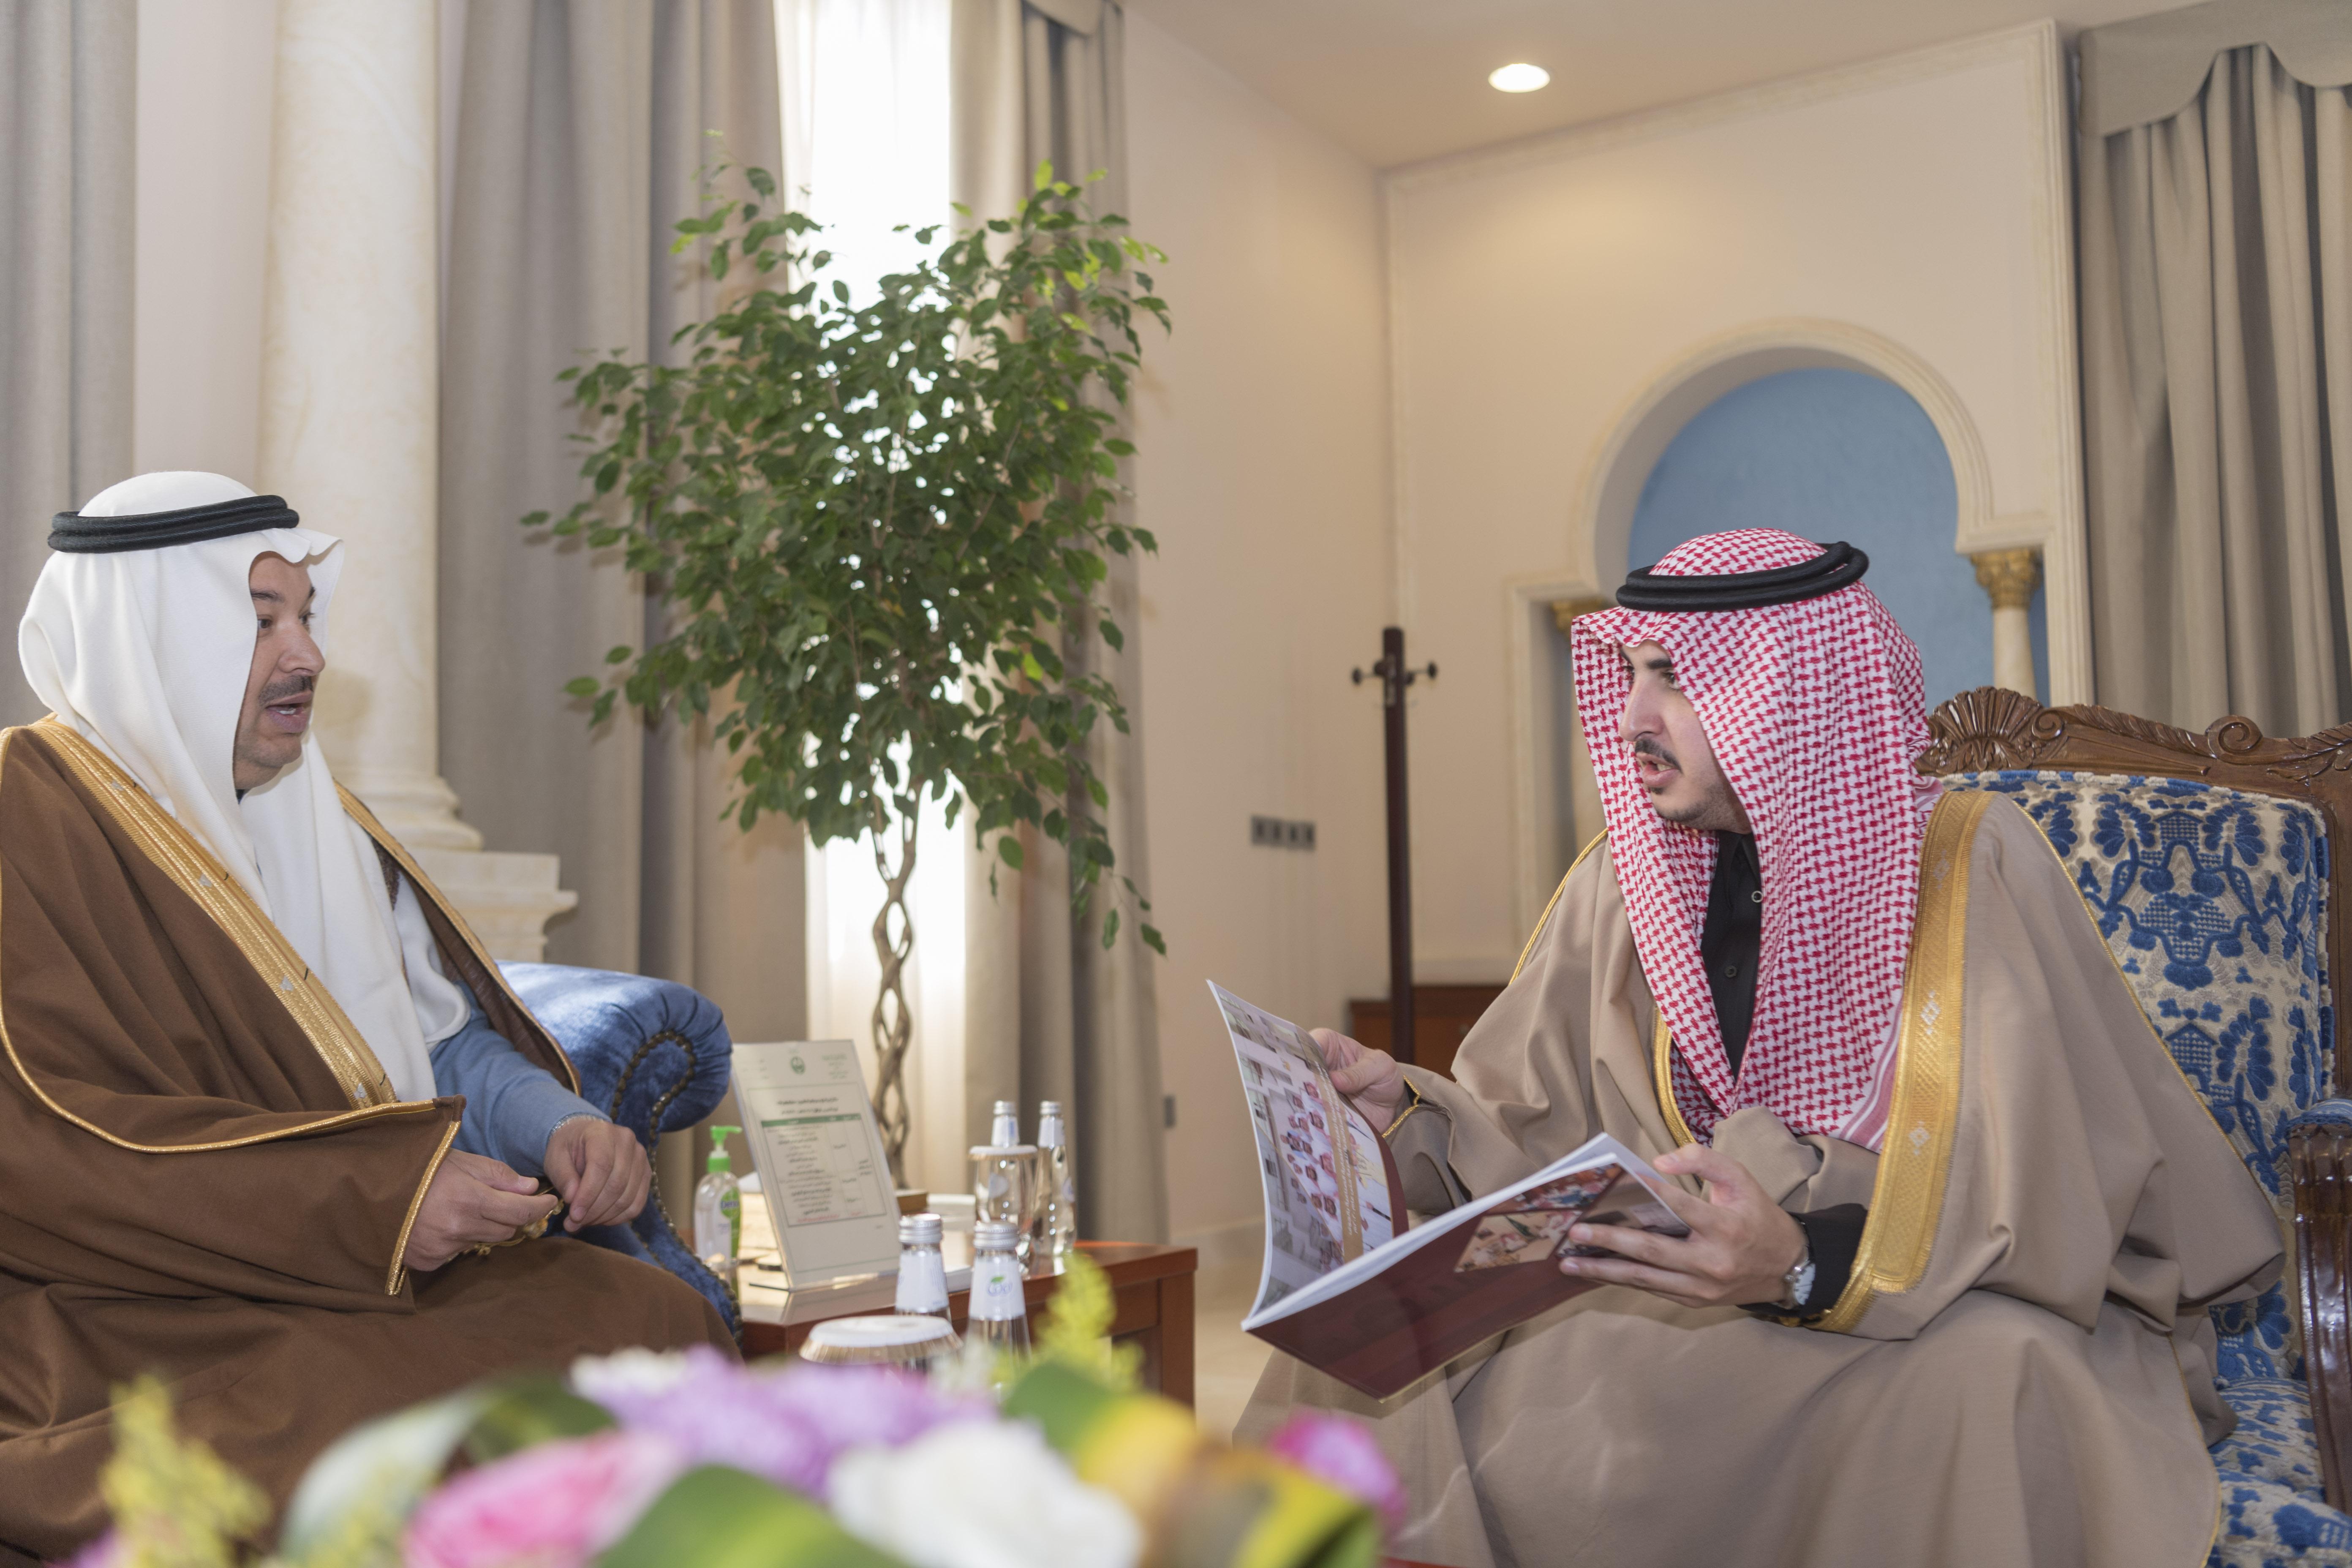 أمير الجوف يستقبل رئيس الغرفة التجارية بالمنطقة ويؤكد دور رجال الأعمال في الاستثمار